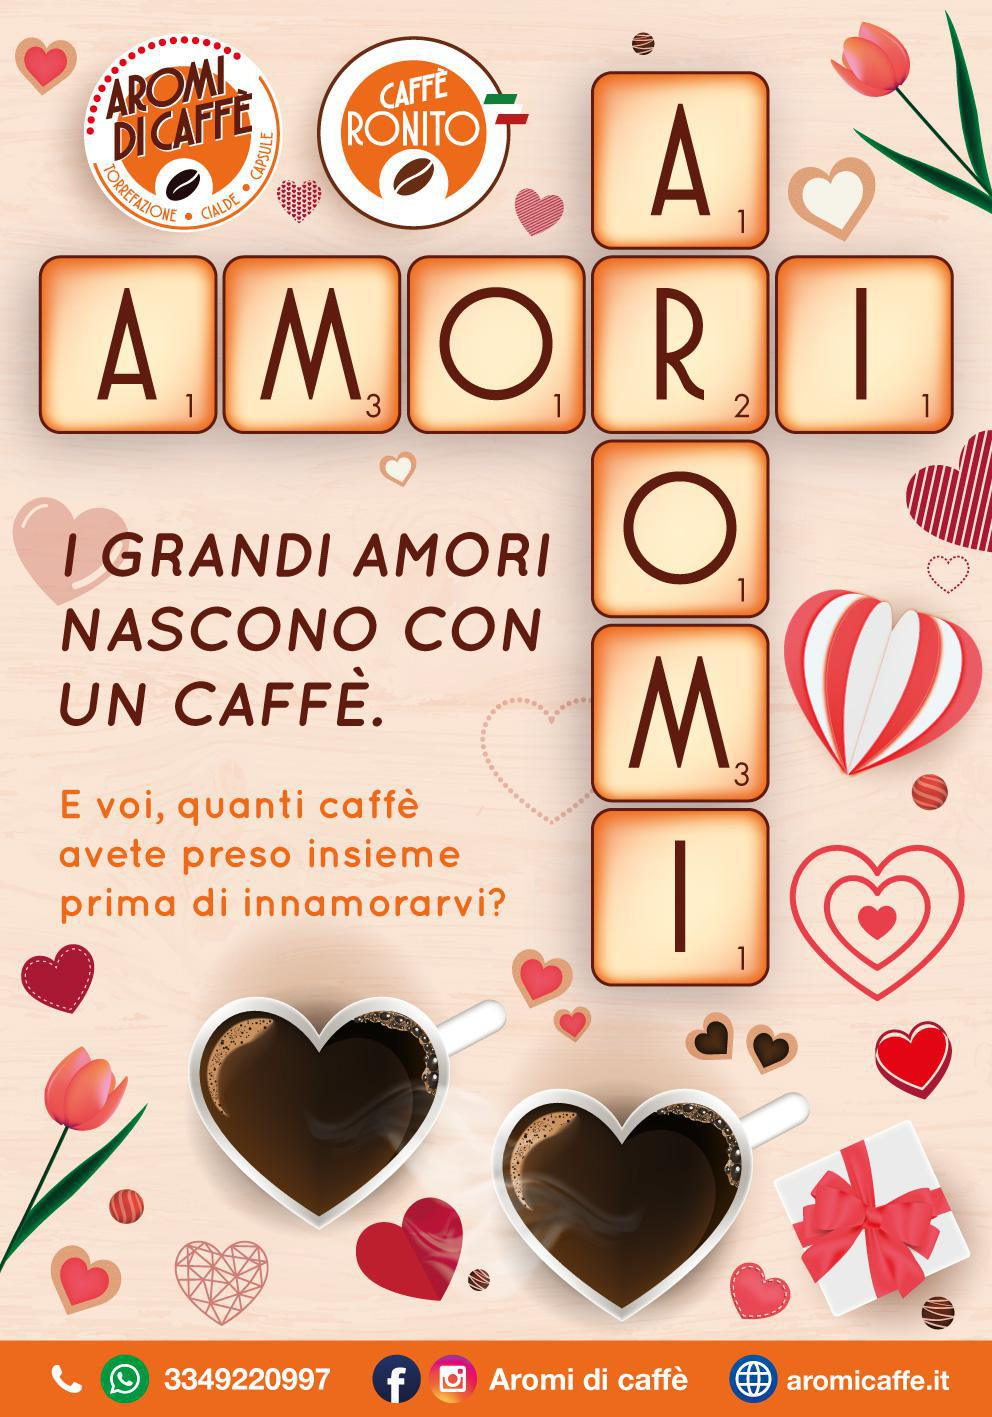 I grandi amori nascono con un caffè